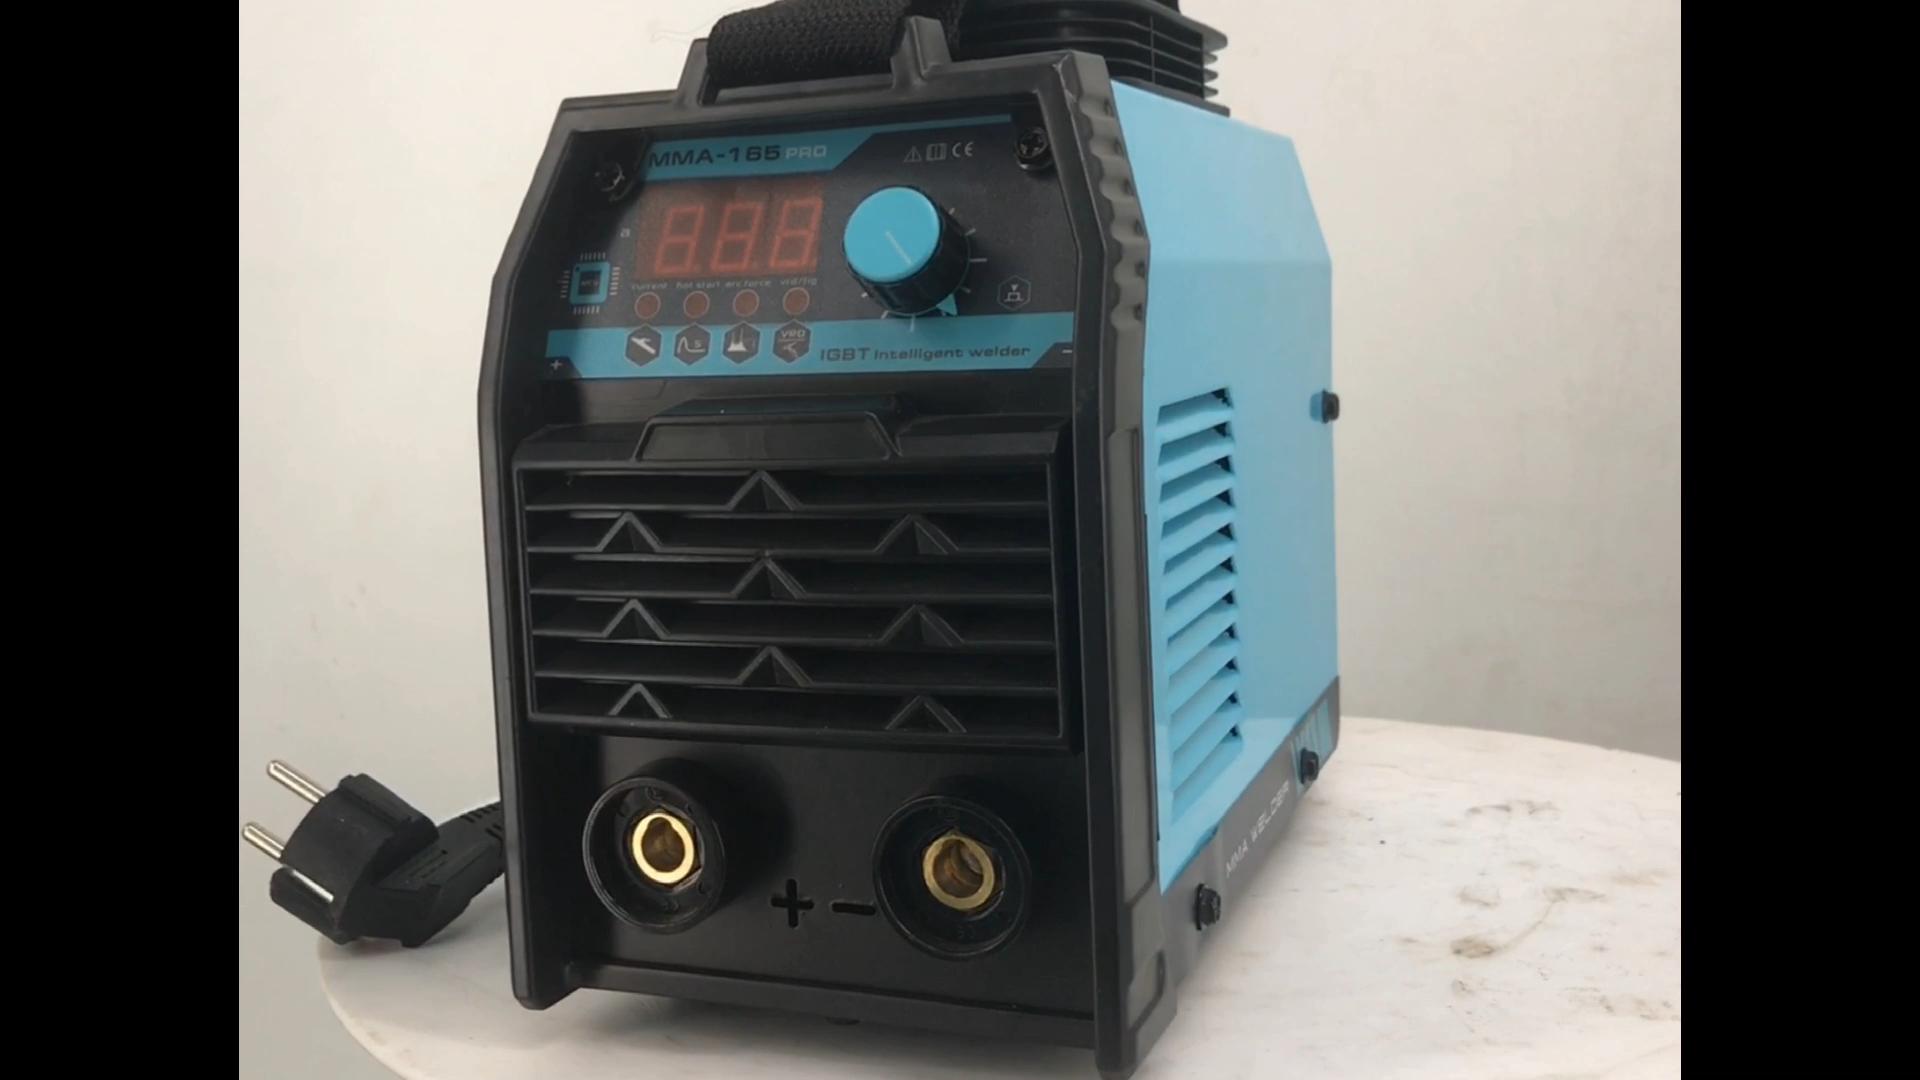 110v 220v dual volt arc welding inverter mma welder with lift tig function